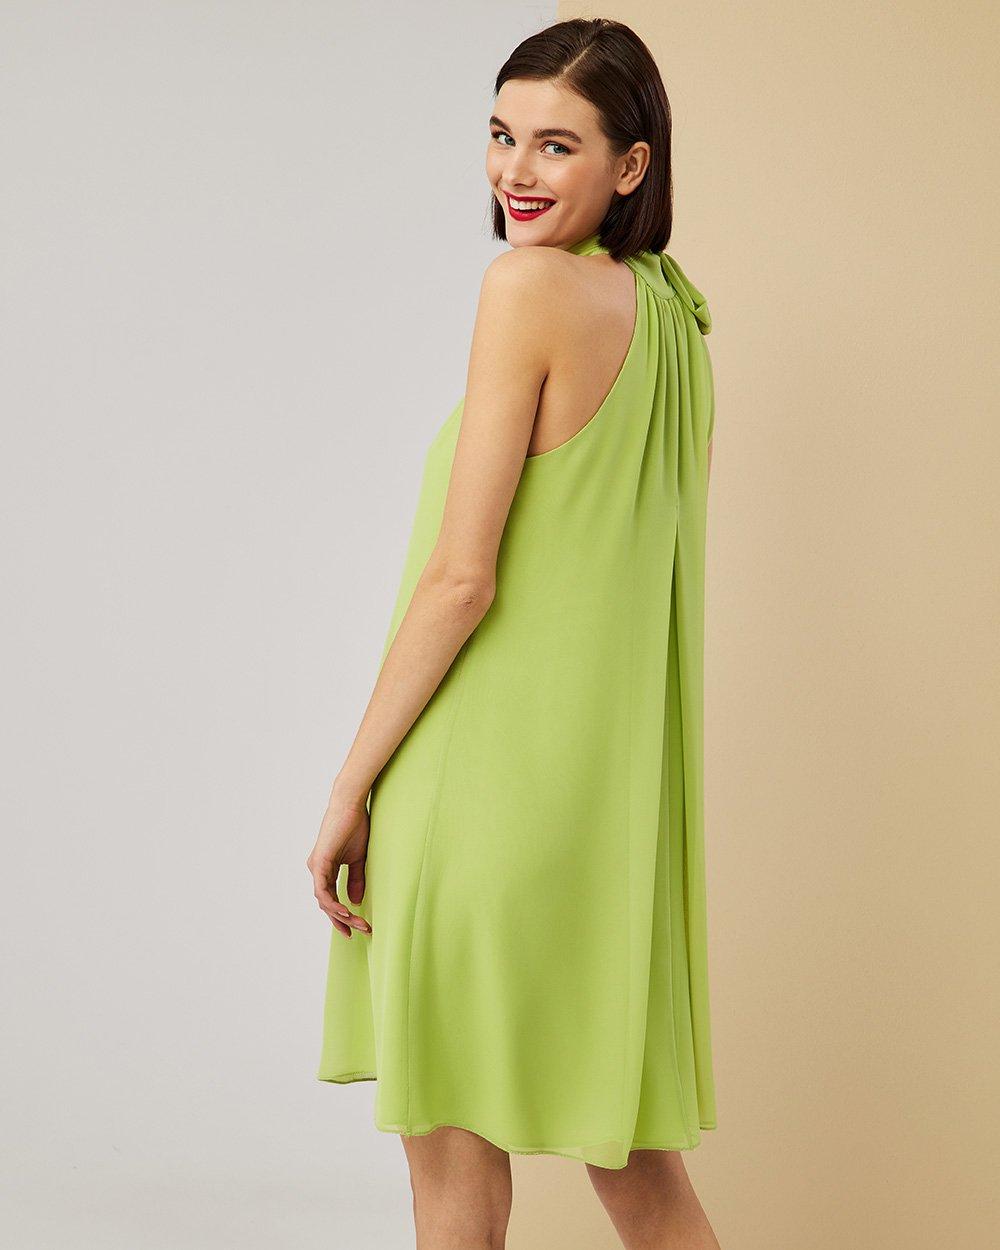 Φόρεμα αμπίρ με παρτούς ώμους